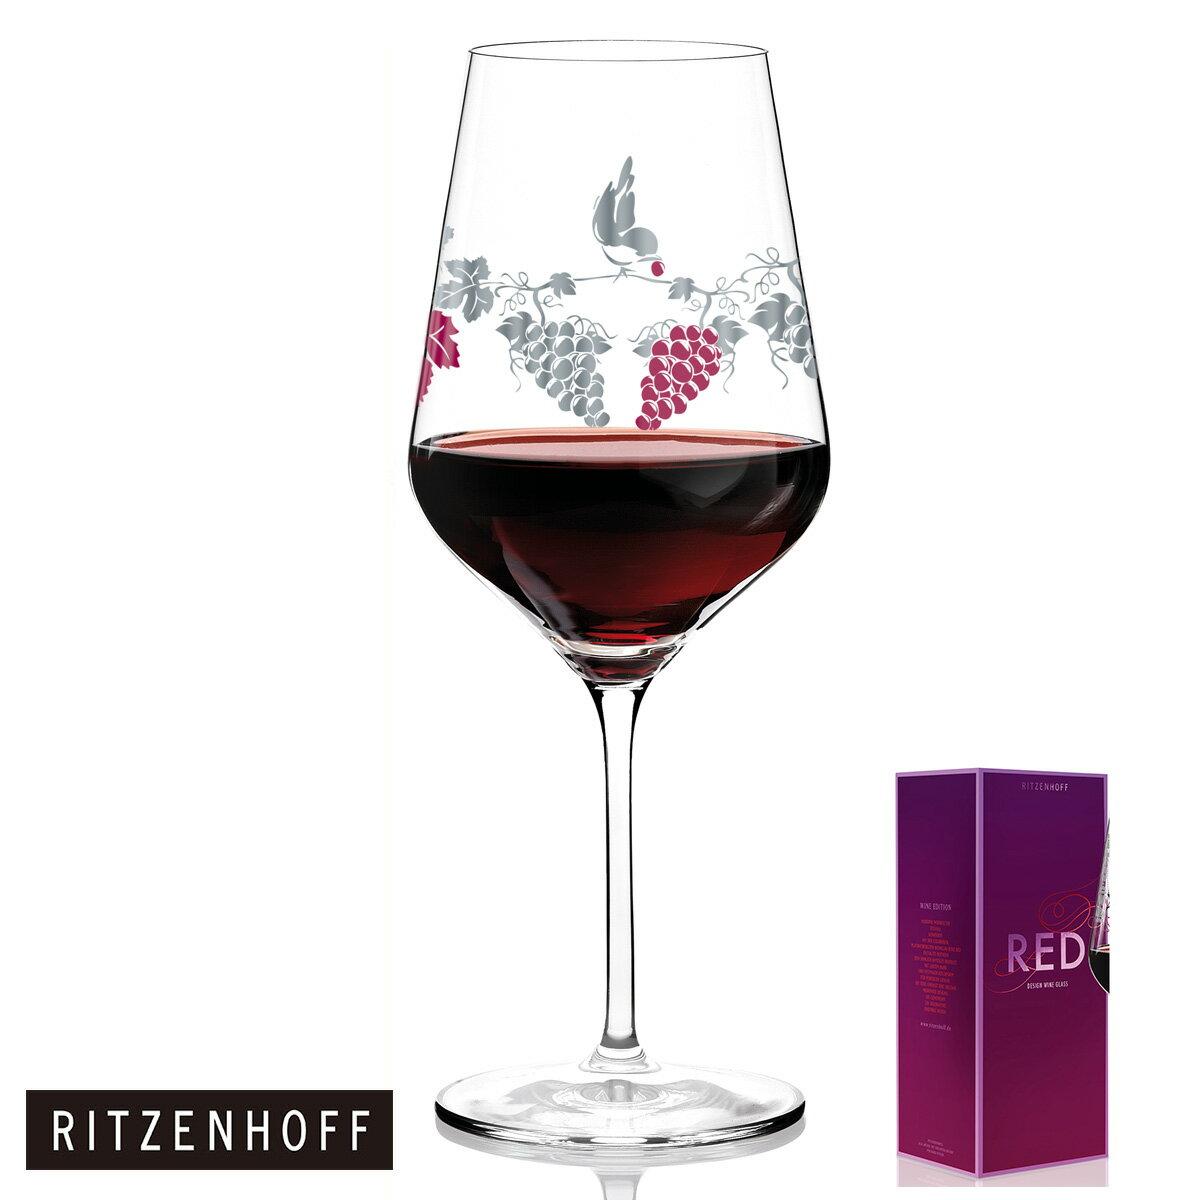 【ポイント20倍】RITZENHOFF リッツェンホフ WINE RED ワイン レッド ワイングラス (83000023-Concetta Lorenzo) グラス 赤ワイン プレゼント 贈り物 ギフト ブライダルギフト【限定数】